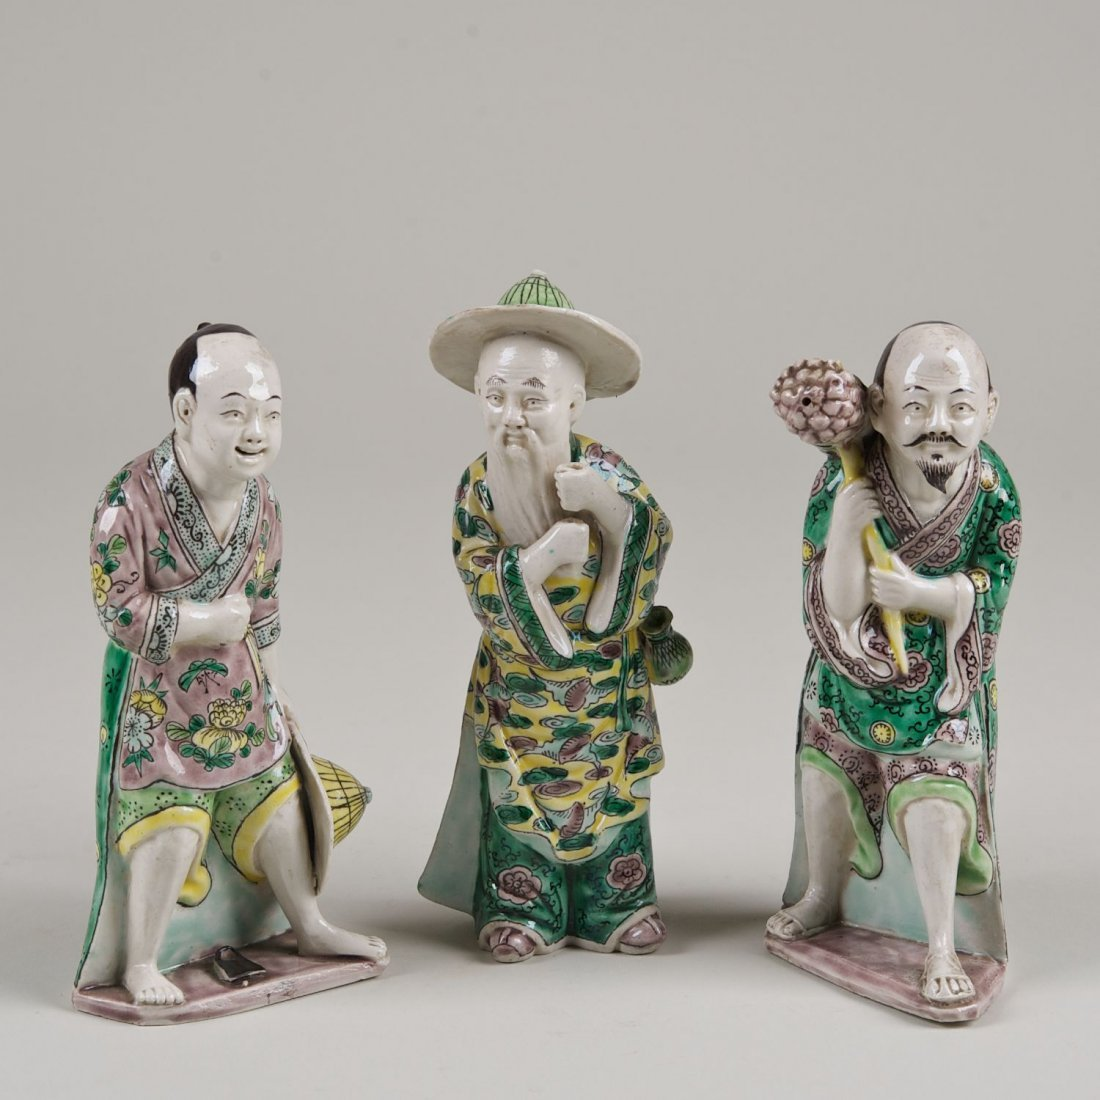 (3) Chinese sancai glazed porcelain figures